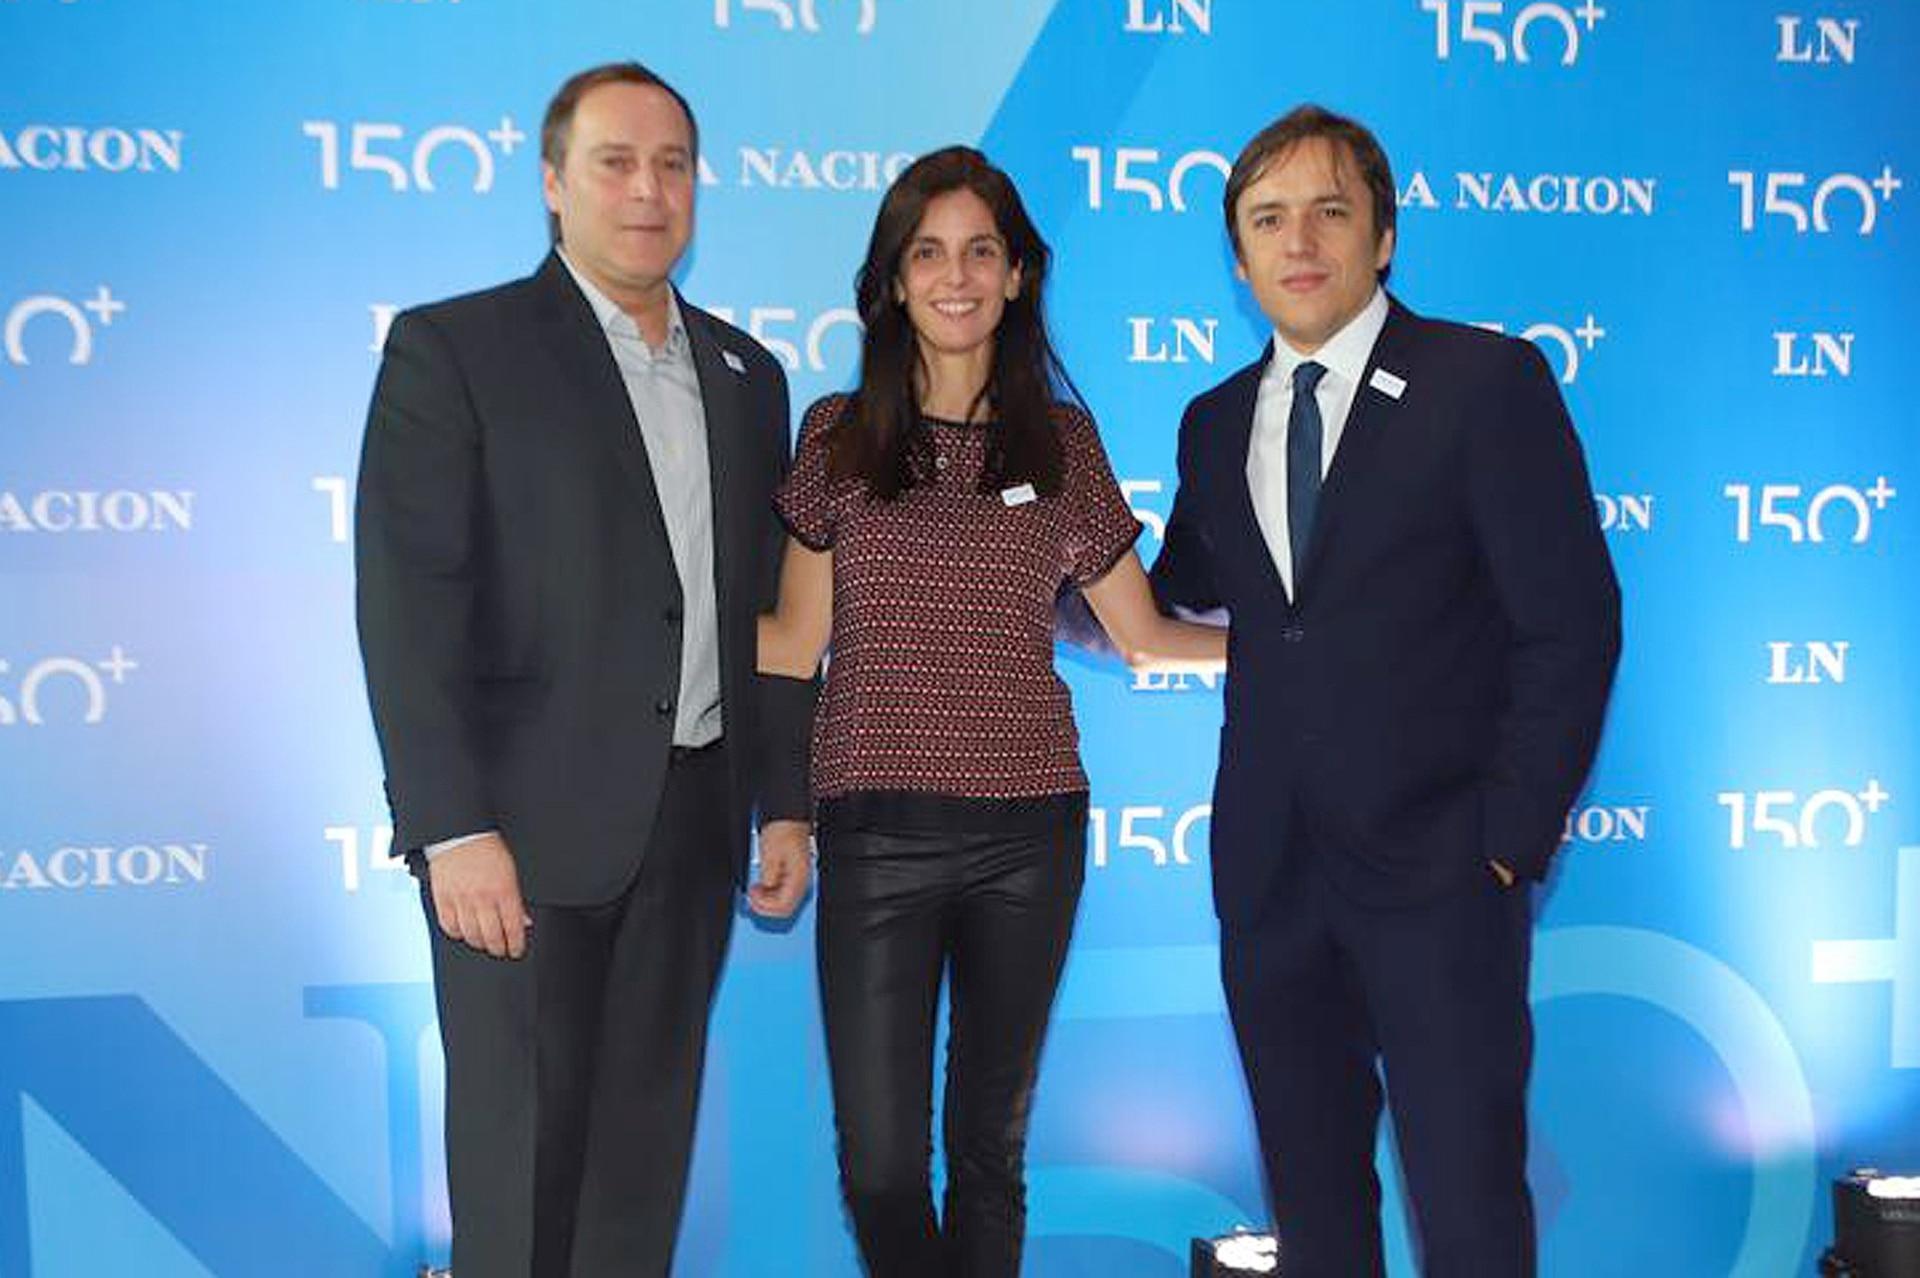 Ricardo Caló, vicepresidente para Sudamérica de Marriott, junto a Maria José Gutiérrez, directora de Relaciones Institucionales y José del Rio